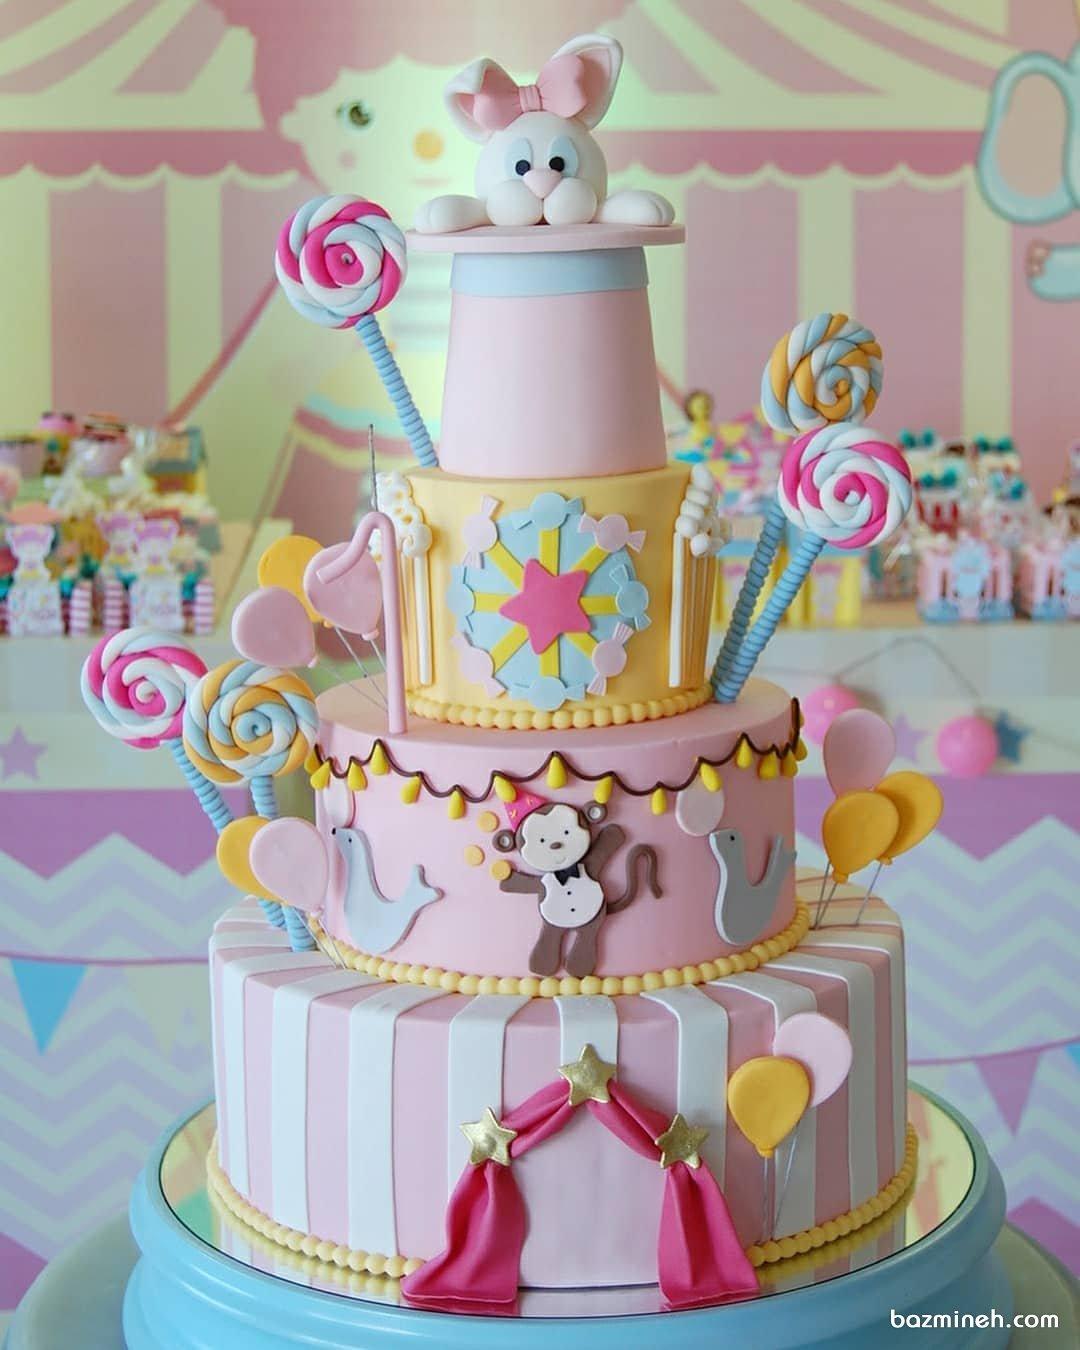 کیک چند طبقه جشن تولد کودک با تم آبنبات و خرگوش شعبده بازی